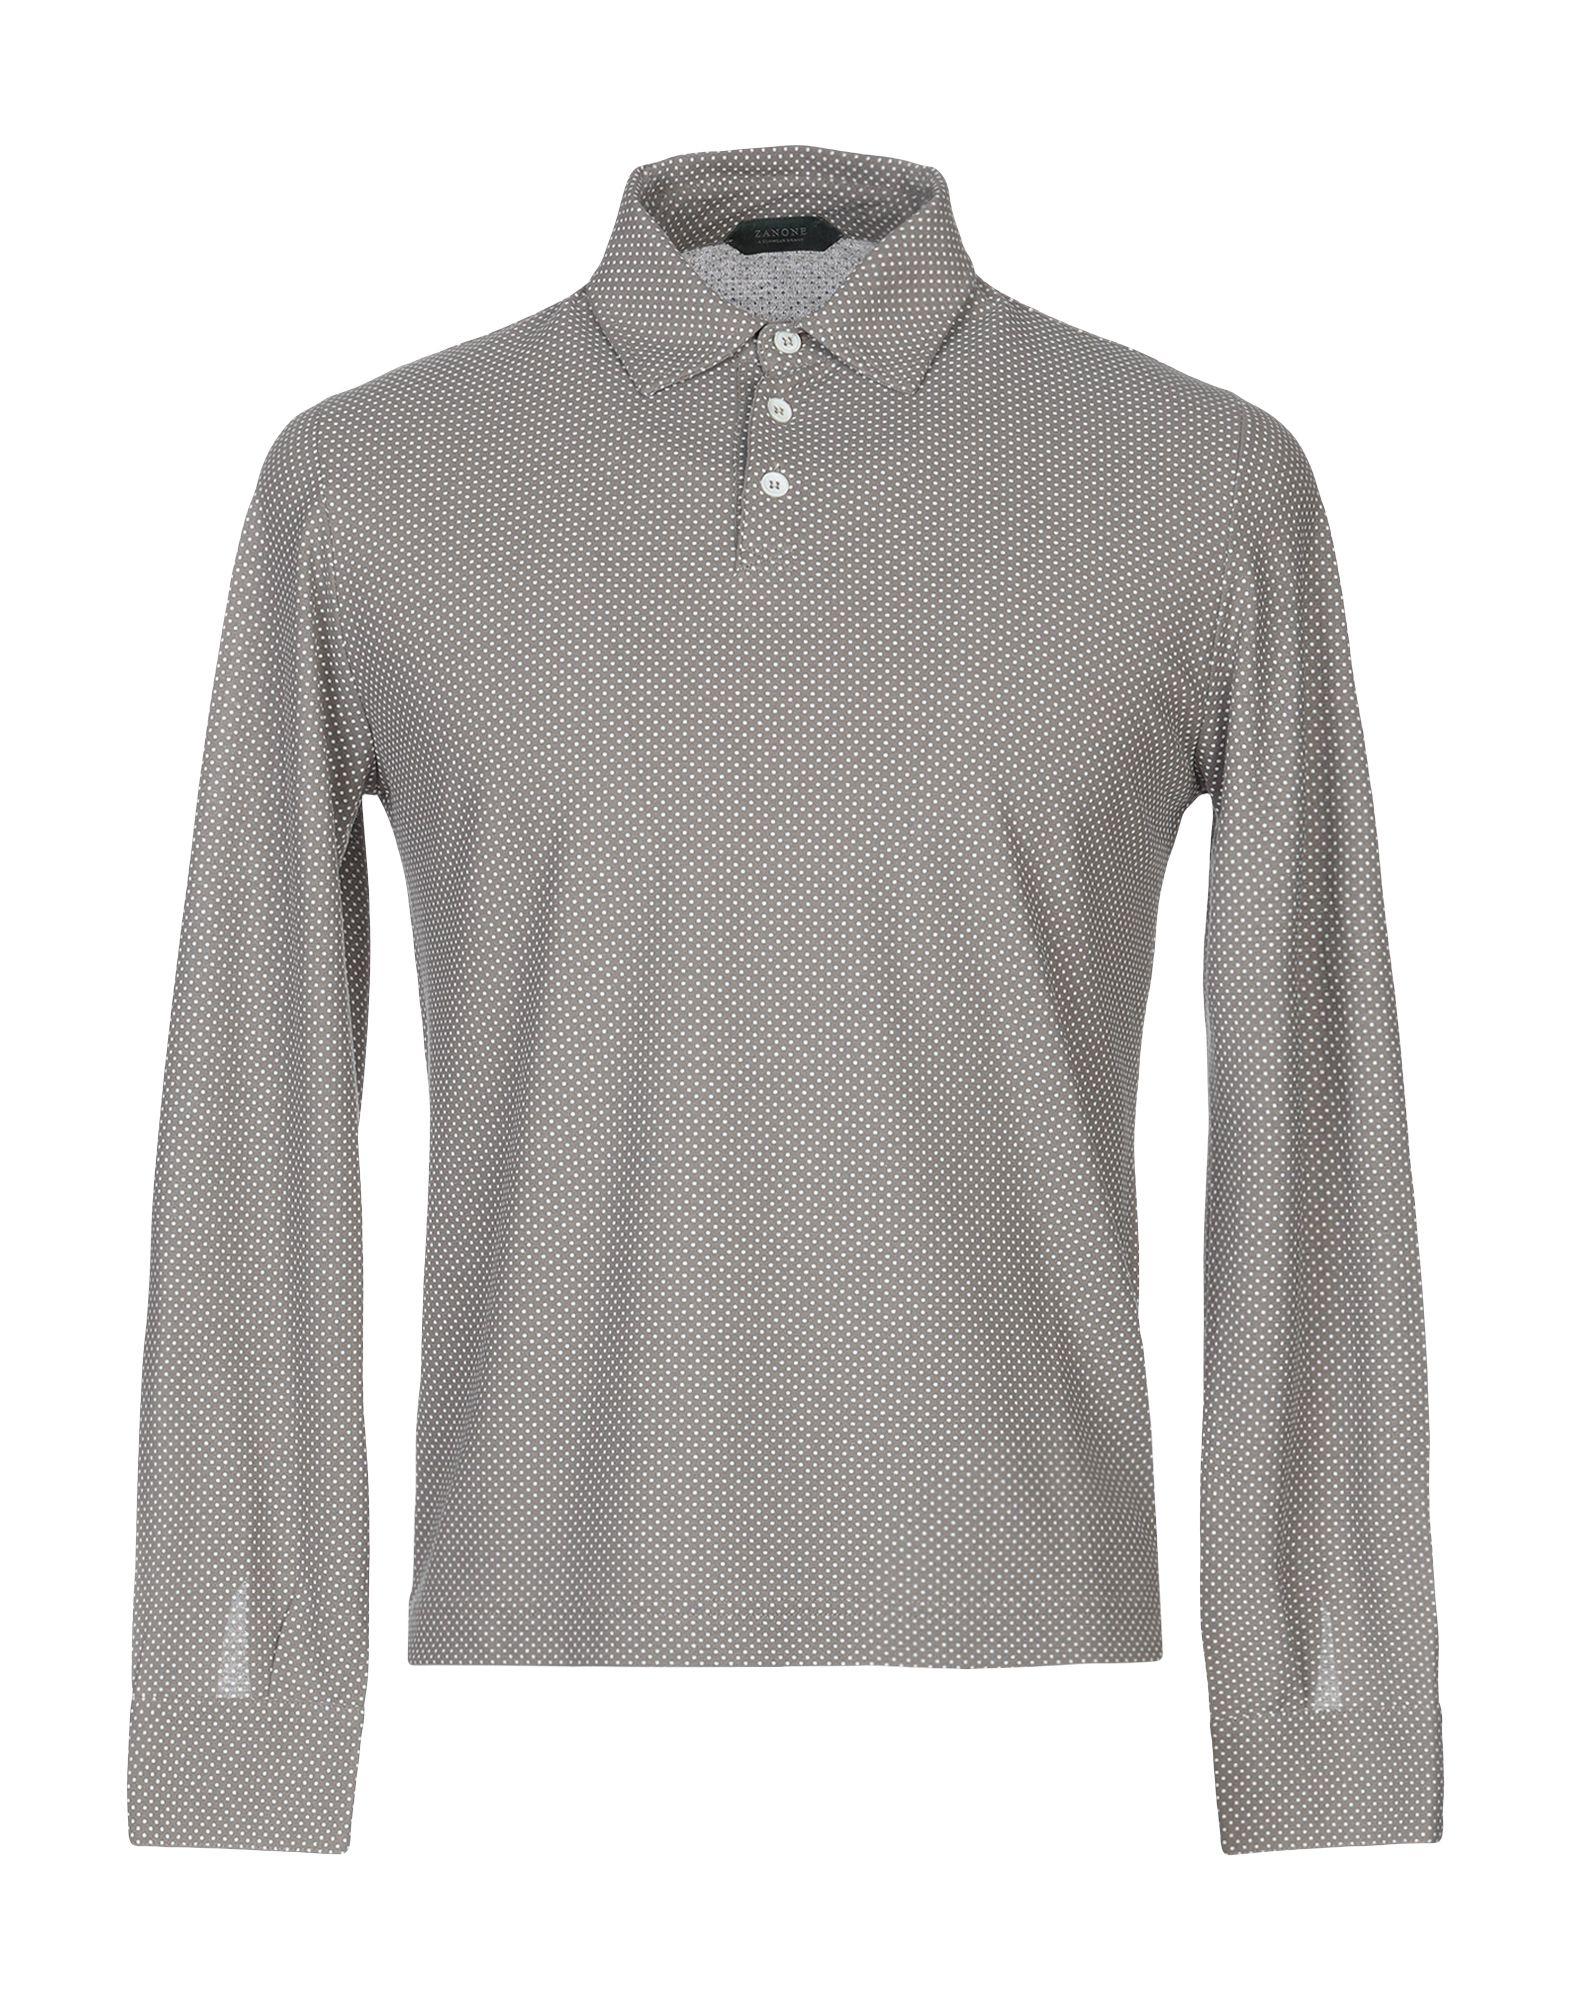 《送料無料》ZANONE メンズ ポロシャツ カーキ 46 コットン 100%